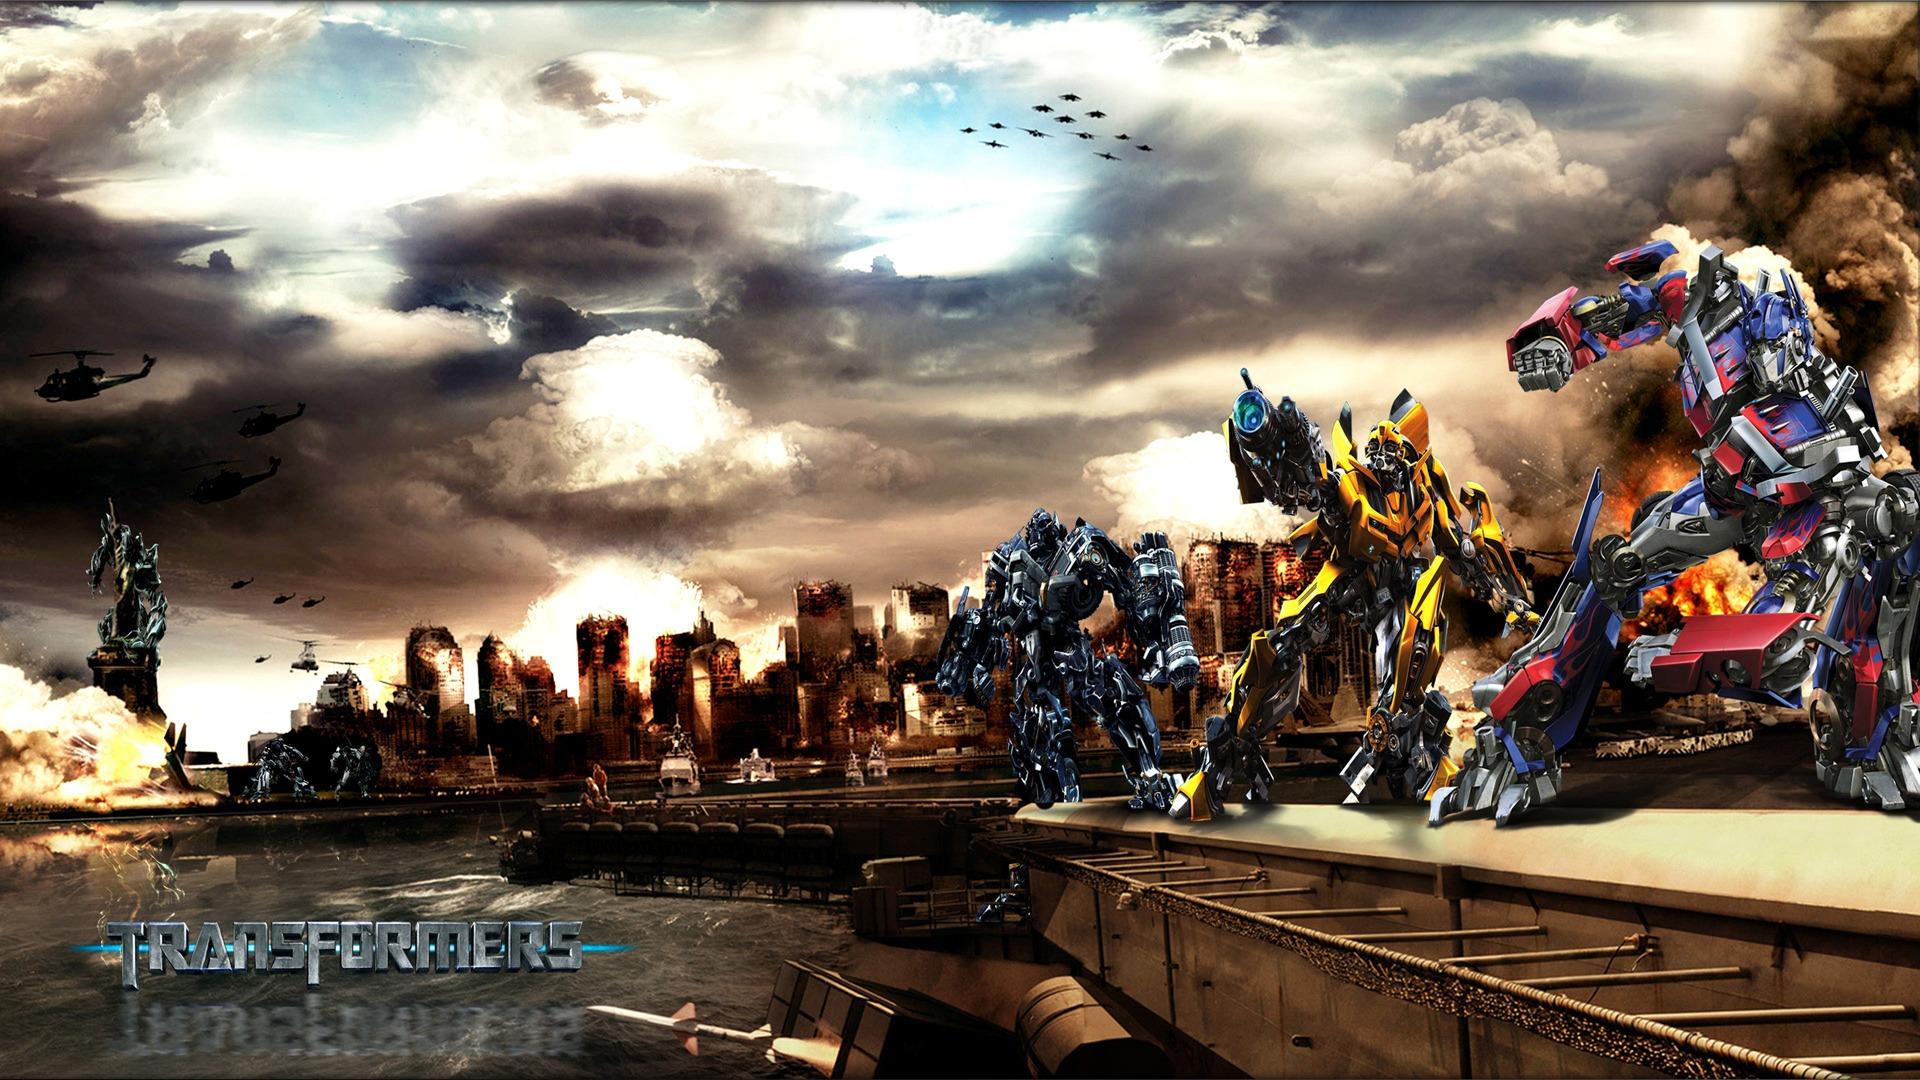 Transformers Wallpaper HD 1920x1080